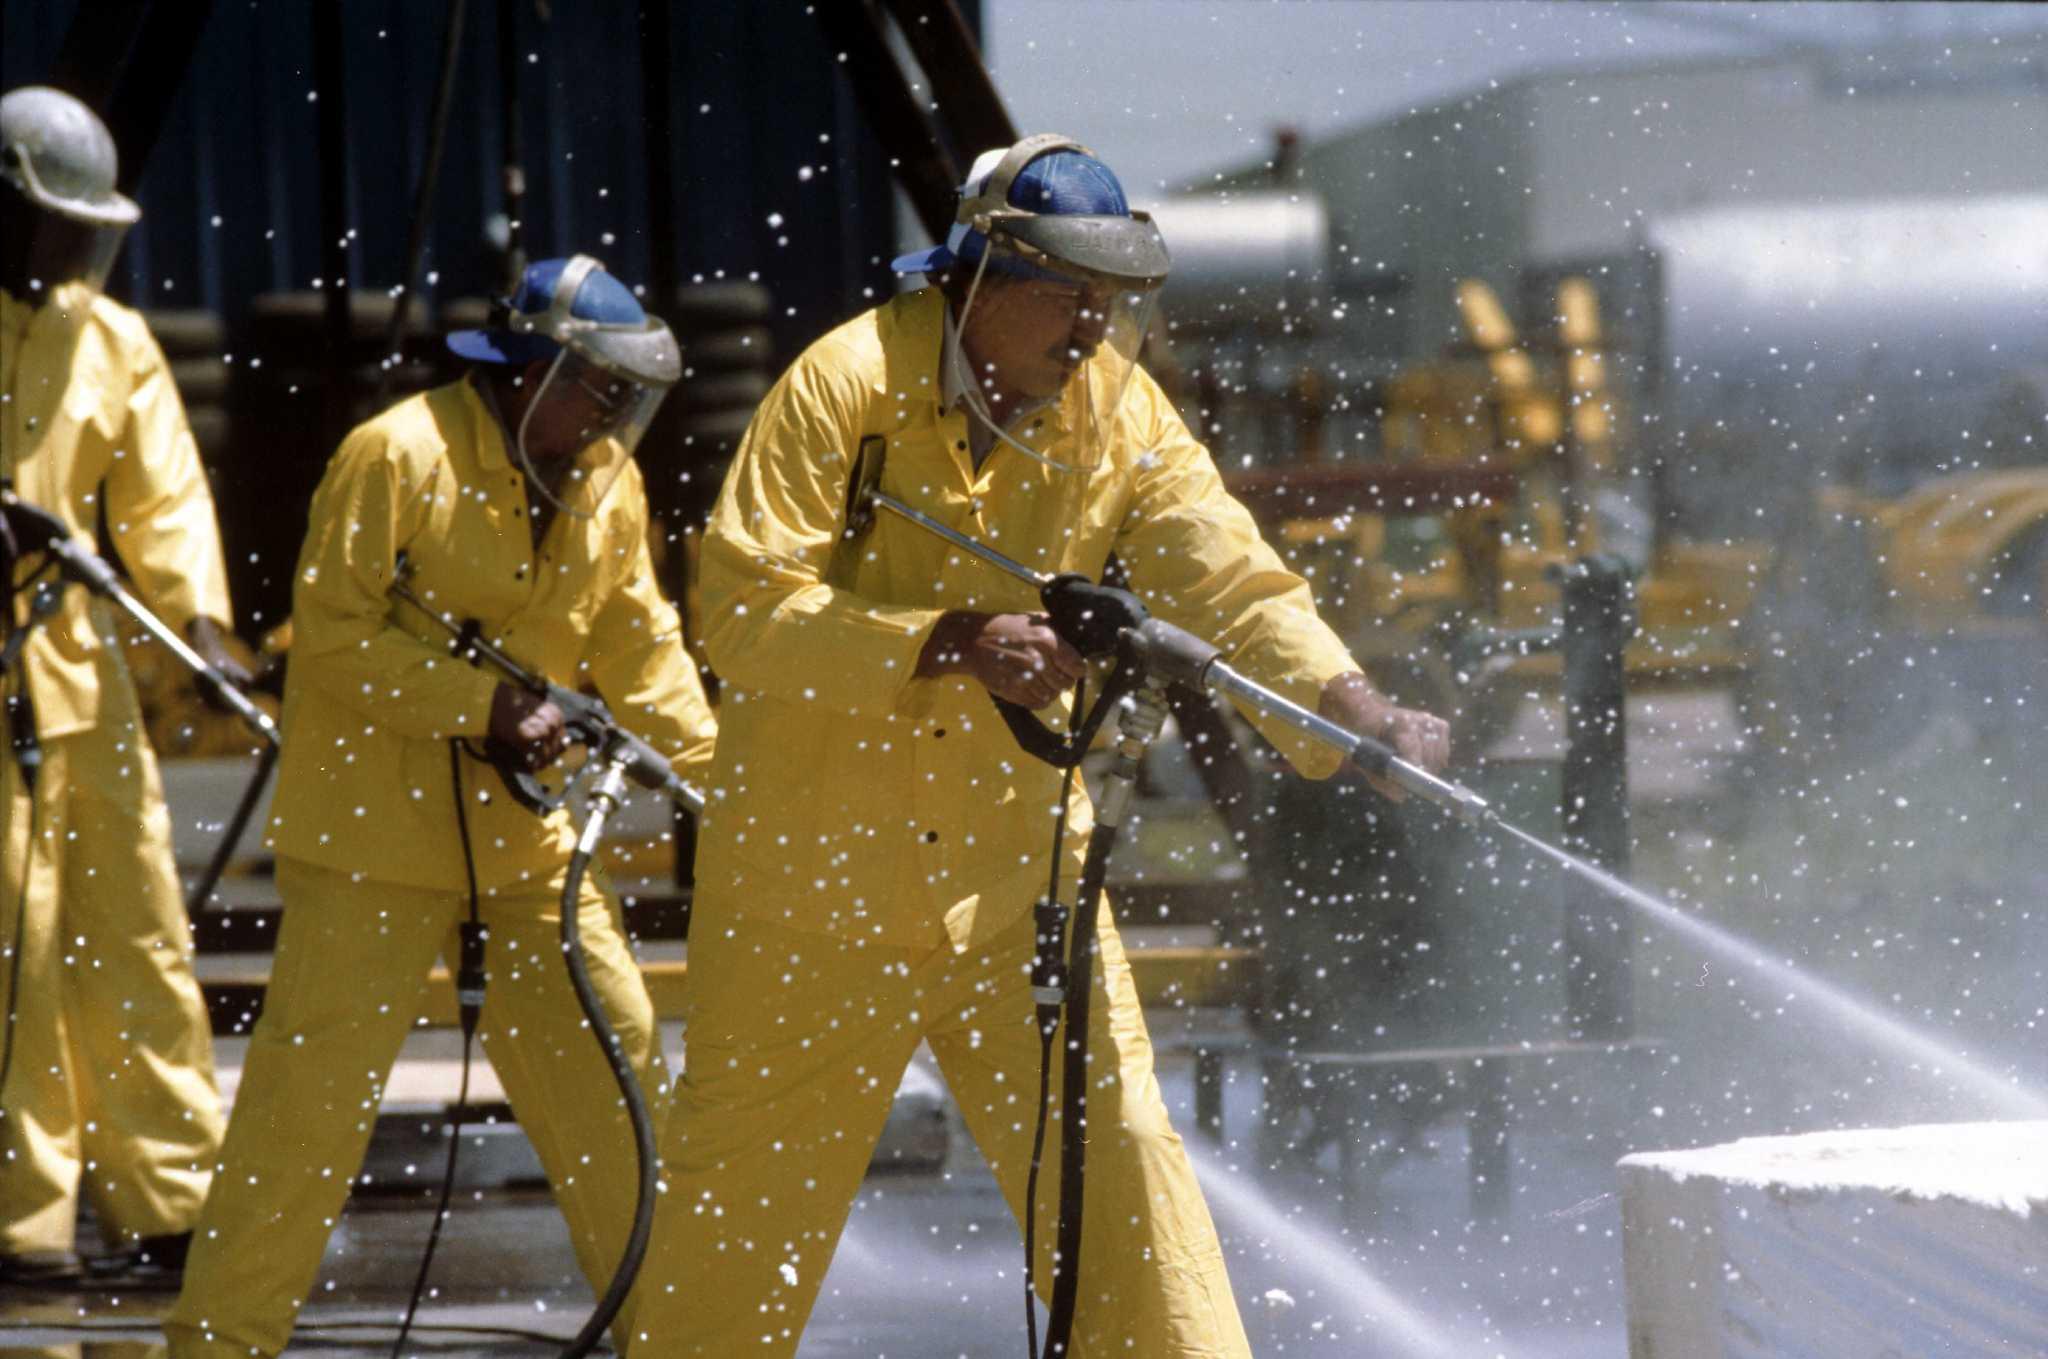 Limpeza industrial: o que é e como funciona?